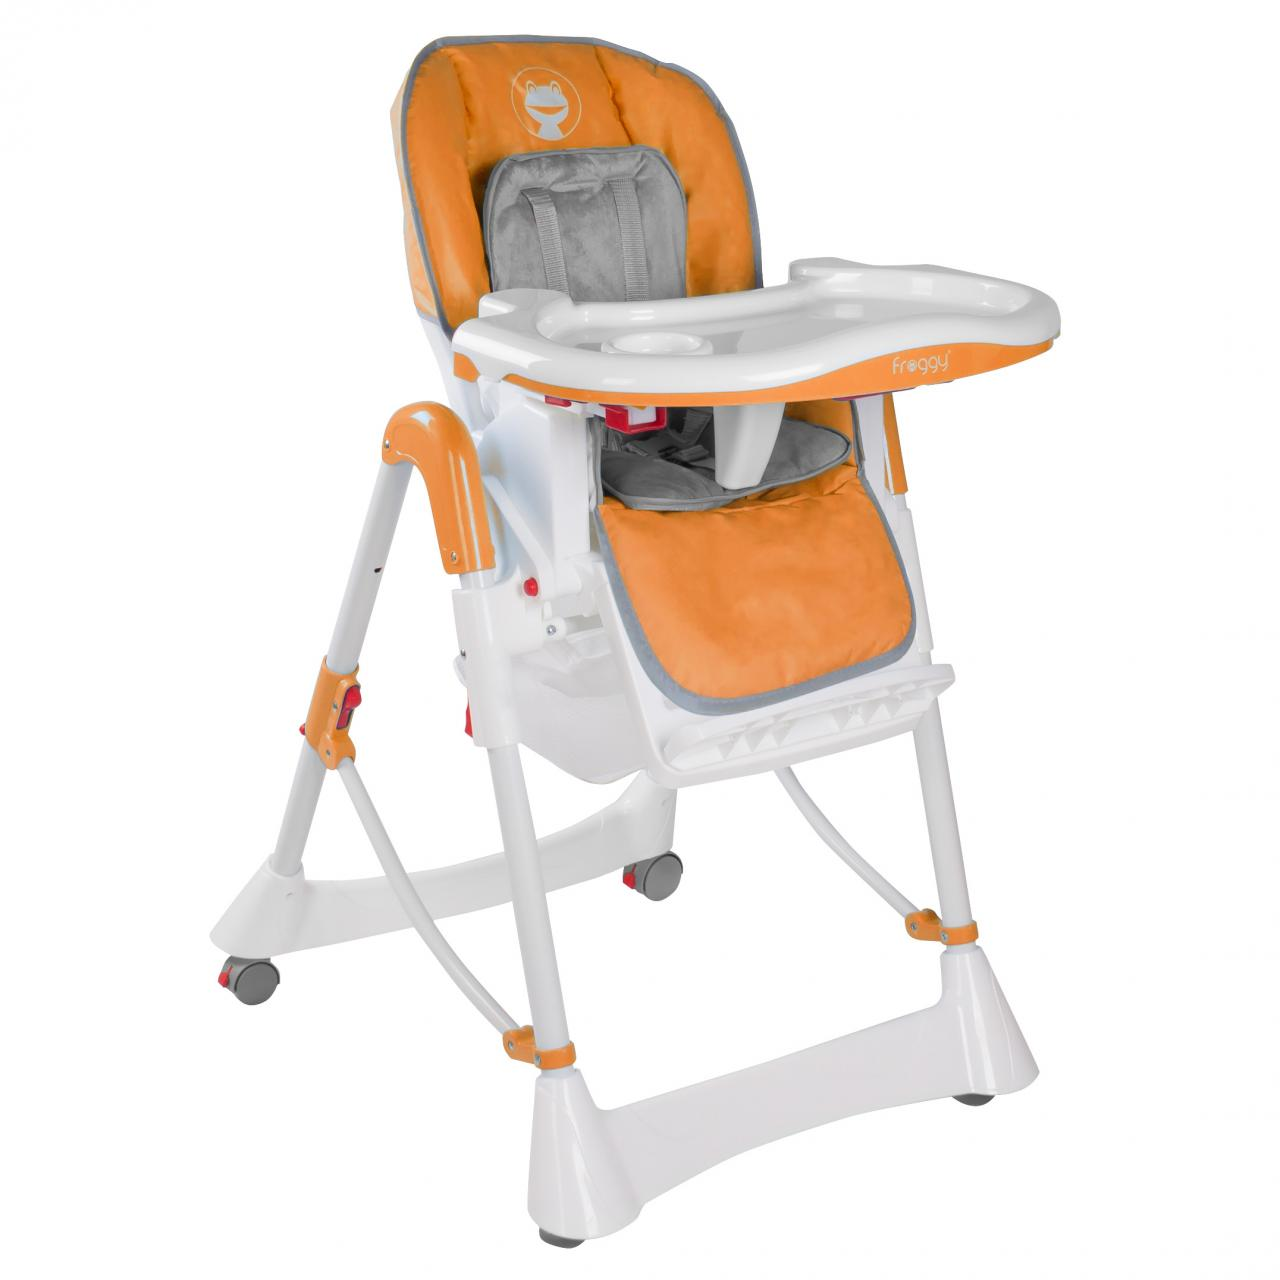 Froggy-Kinderstuhl-Hochstuhl-Babystuhl-Verstellbar-klappbar-3-Sitzpositionen